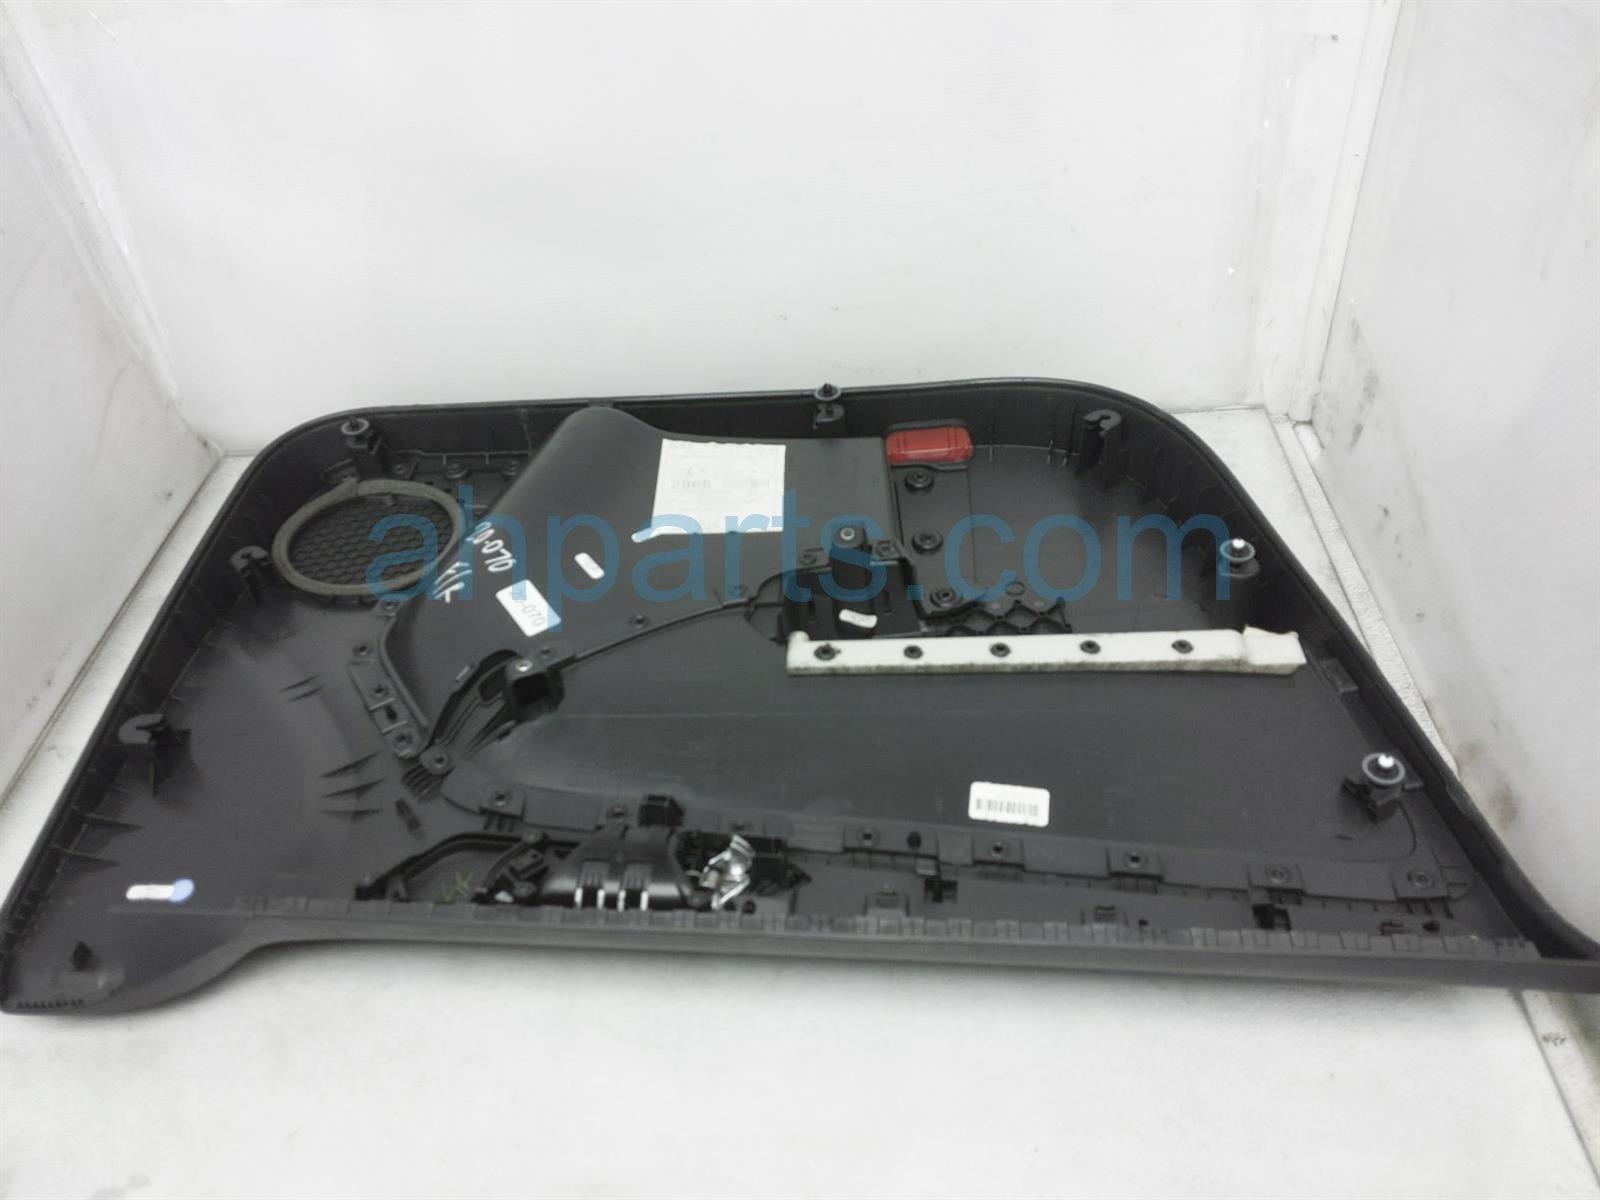 2018 Volkswagen Jetta Trim / Liner Front Passenger Interior Door Panel   Black 5C7 867 012 P AHA Replacement